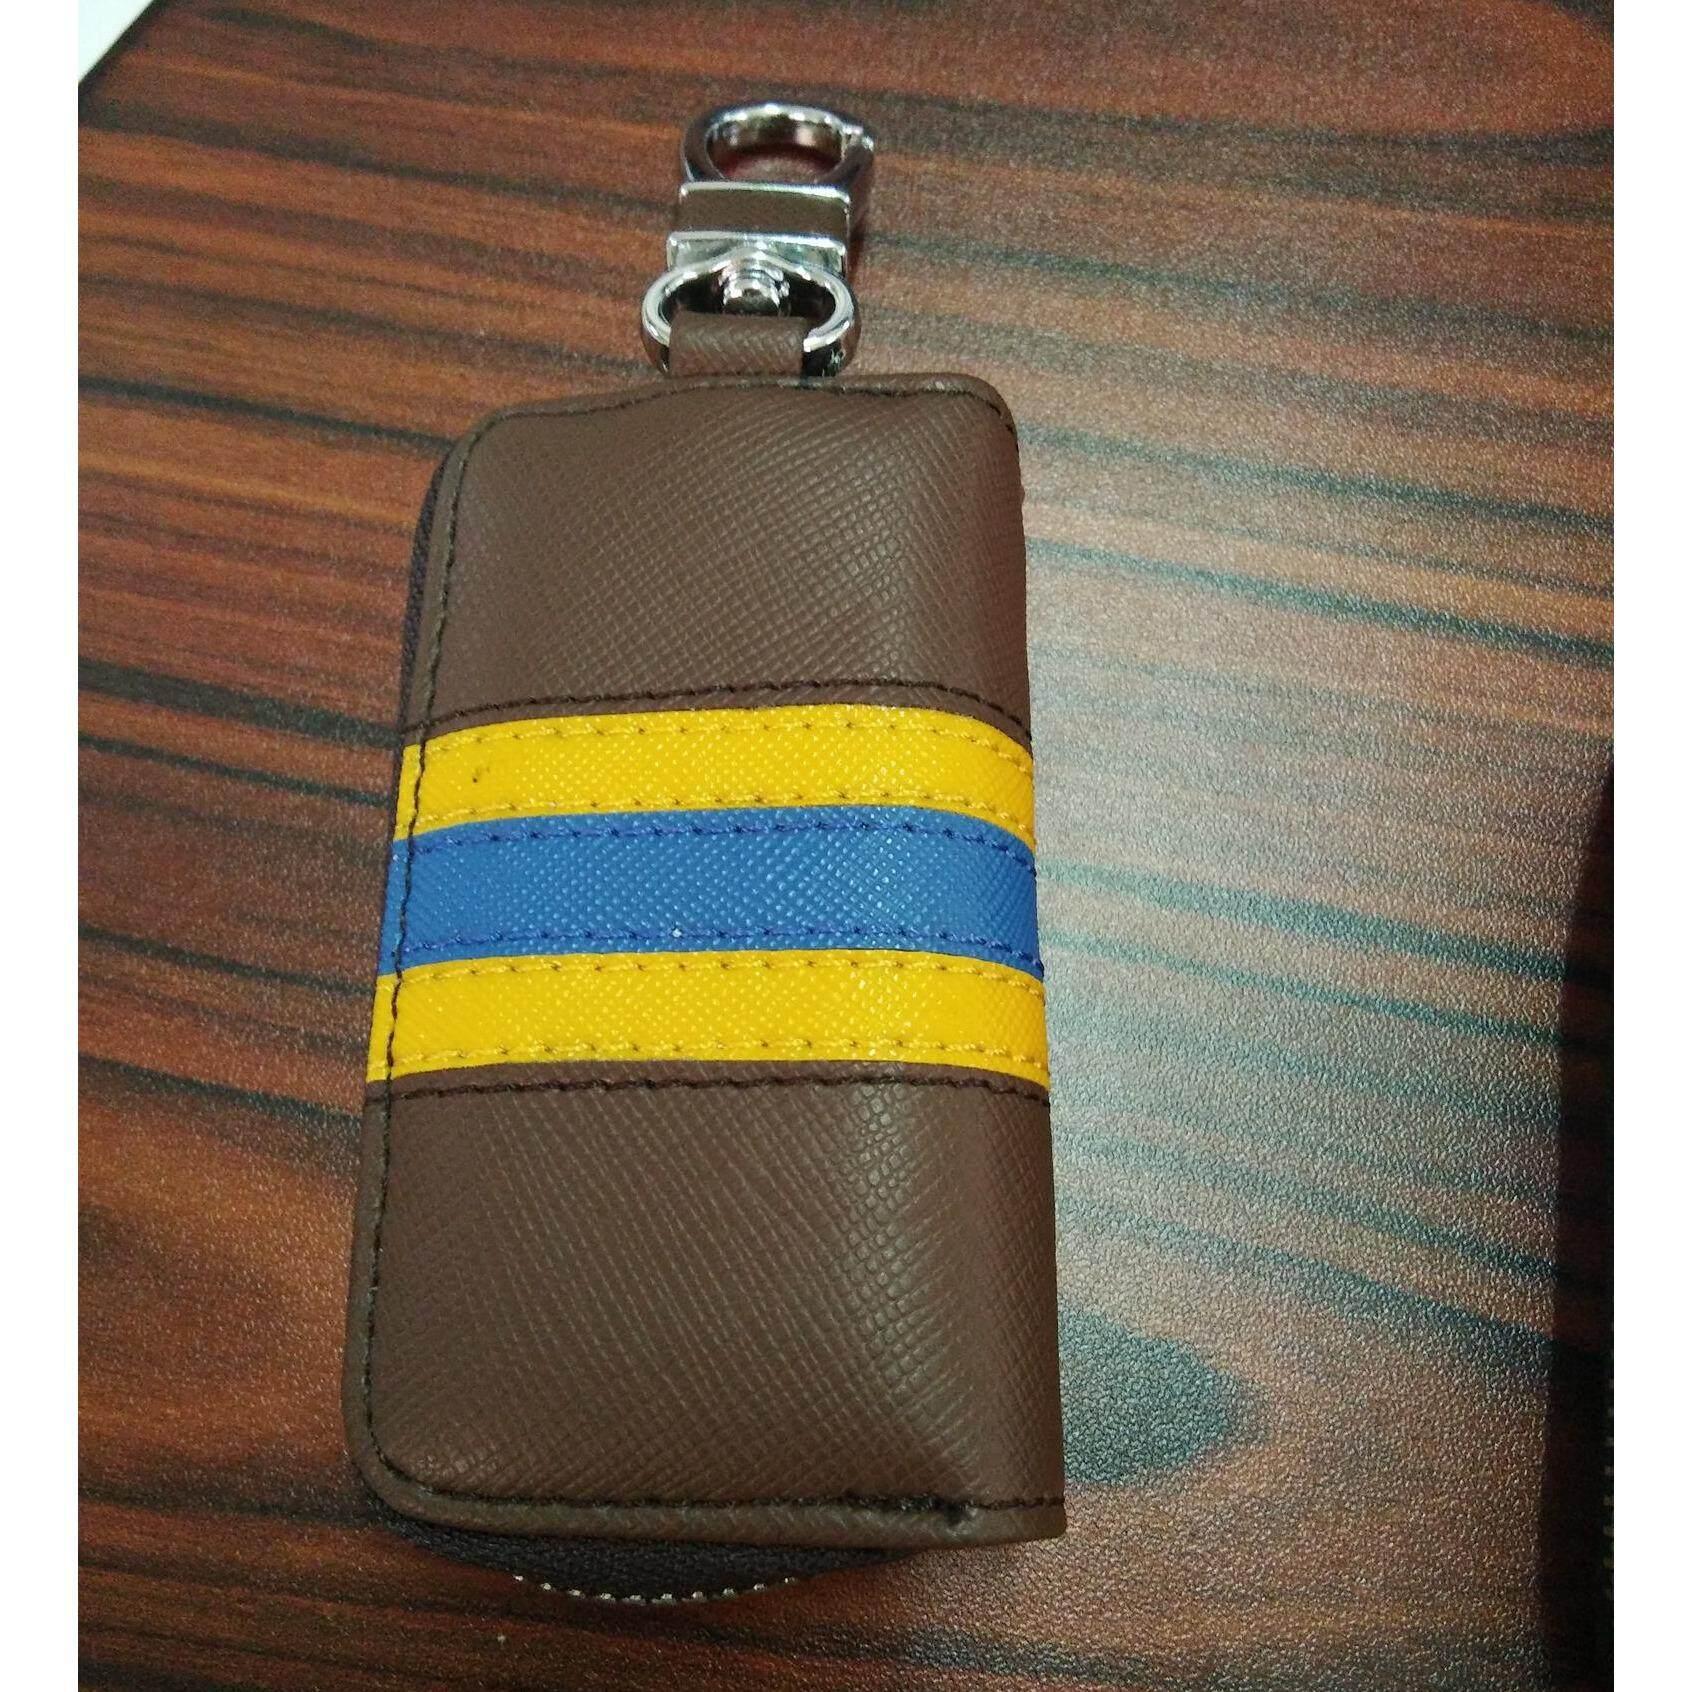 กระเป๋าใส่กุญแจรถยนต์ ลายริ้ว สีนำ้ตาล.